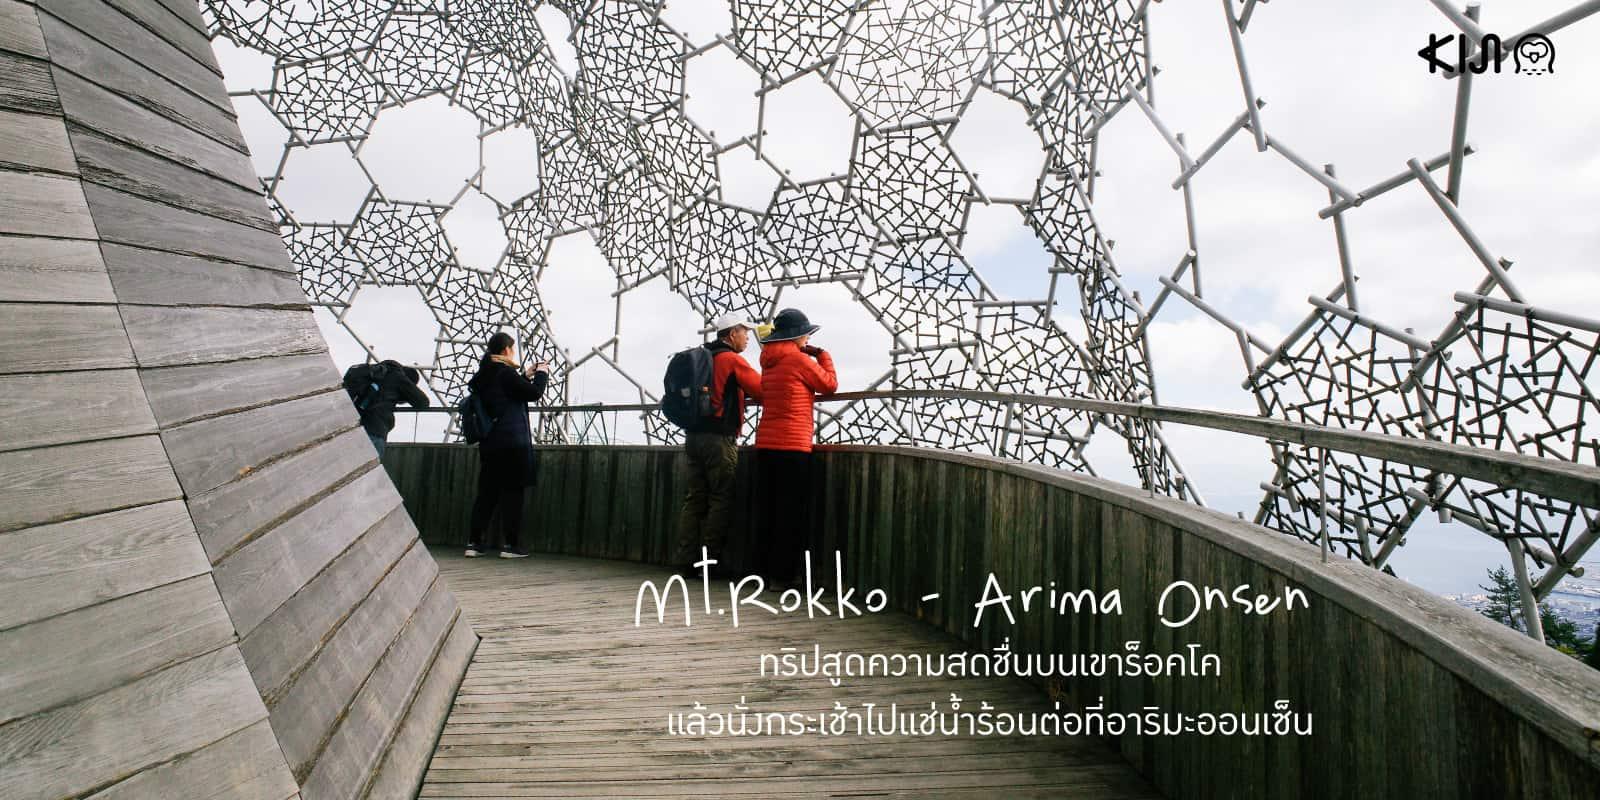 ทริป Mt.Rokko - Arima Onsen โกเบ